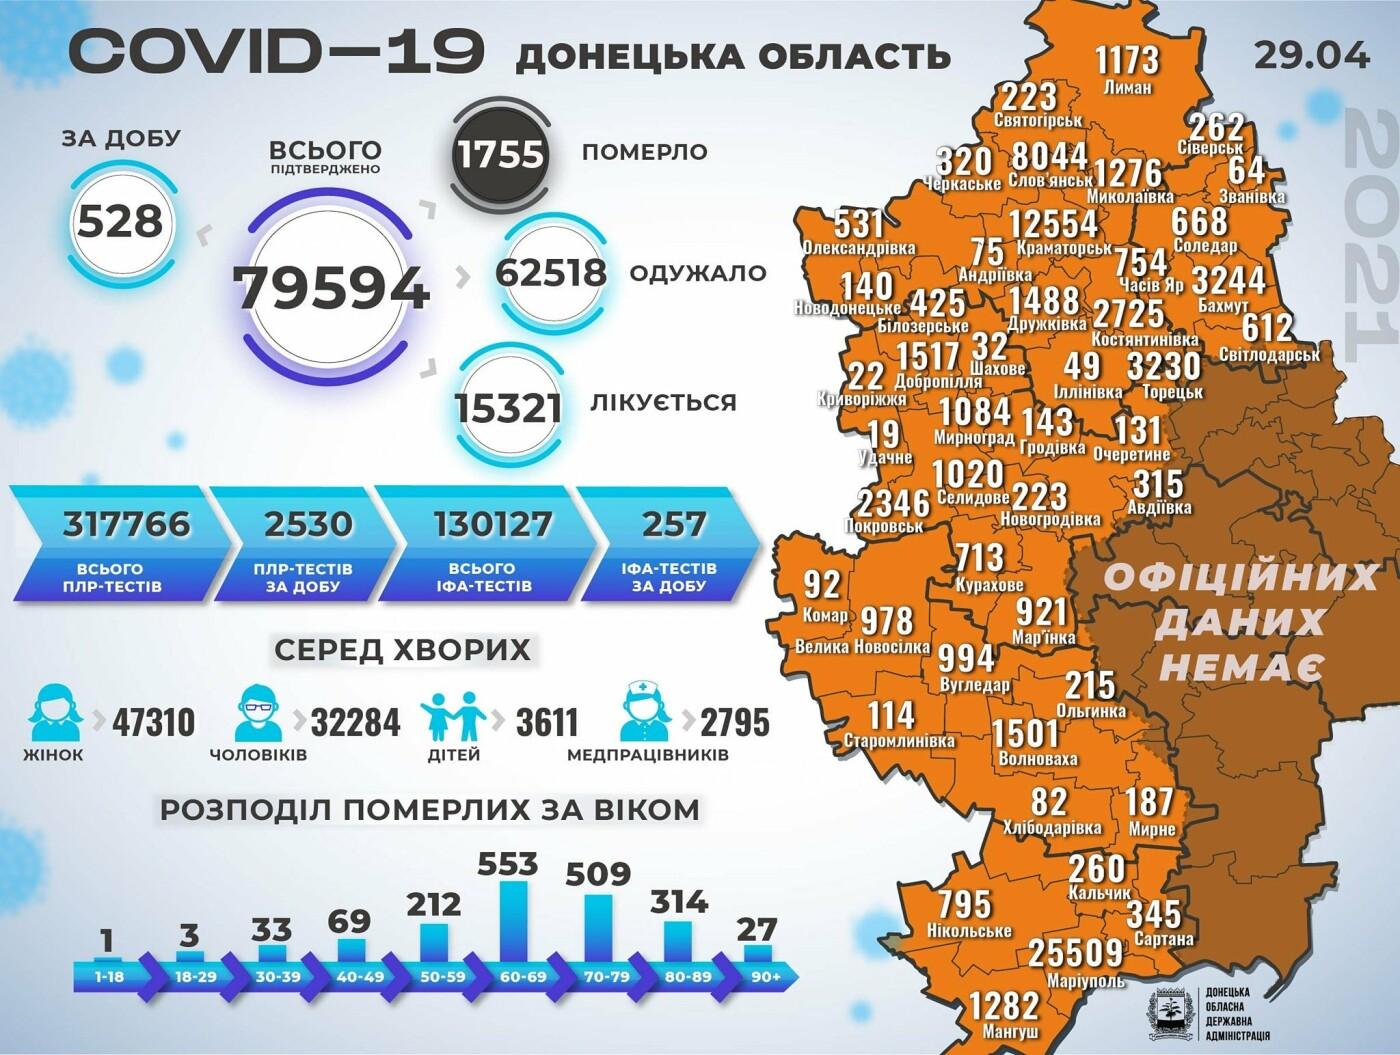 В Донецкой области 528 человек заболели коронавирусом, фото-1